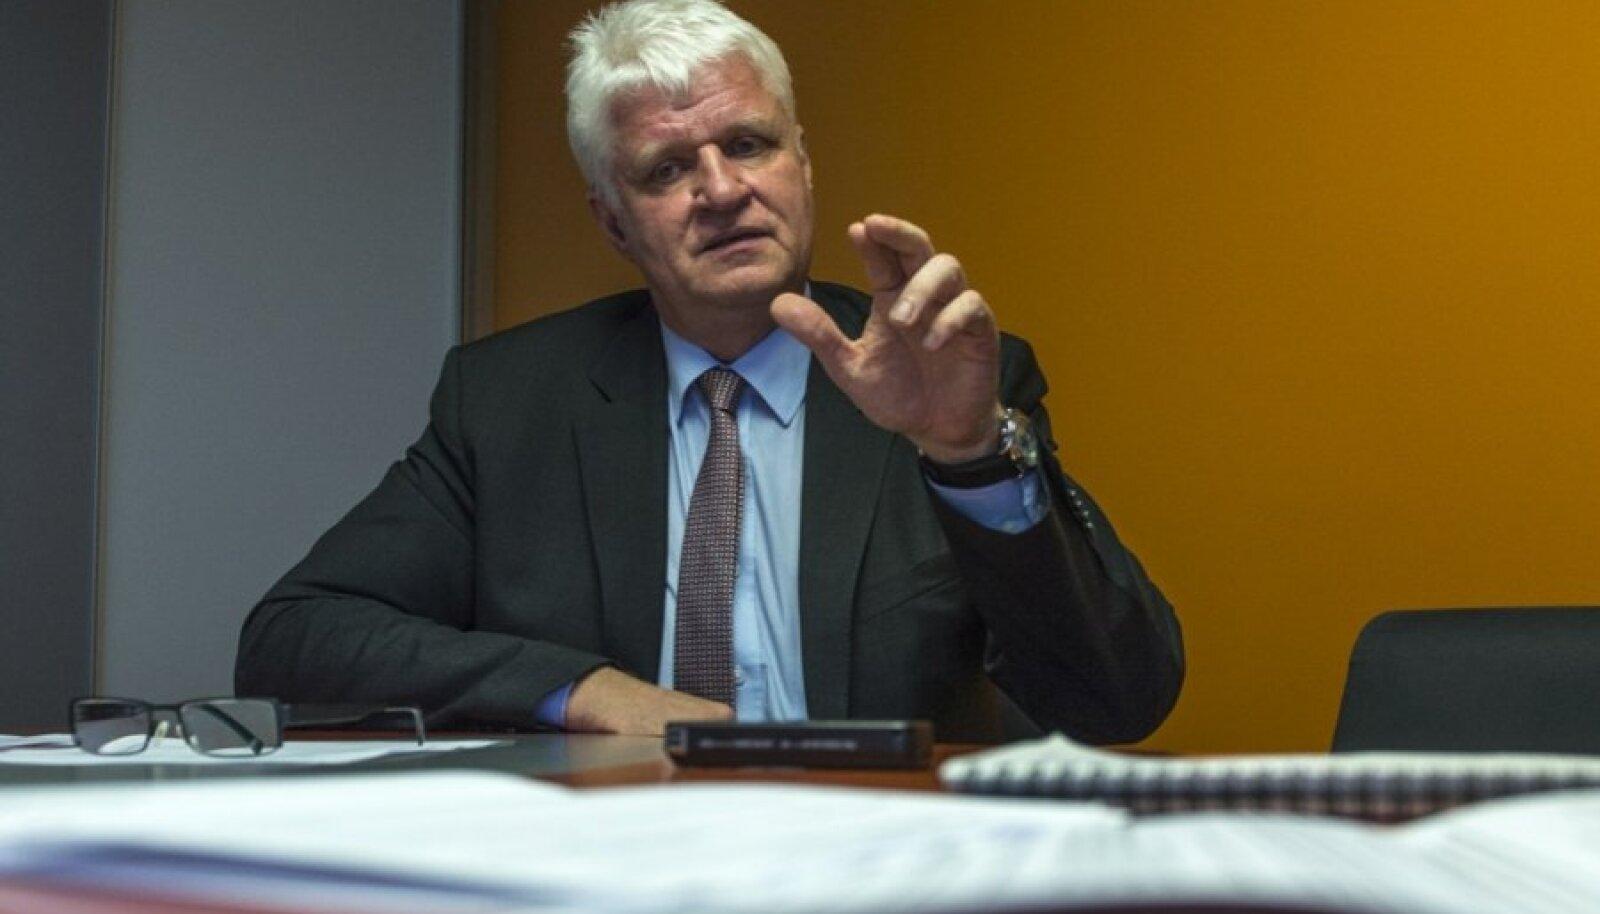 Töötukassa juht Meelis Paavel ütleb, et nemad saavad puudega inimeste tööellu toomisel teha natuke, suurem roll peaks olema omavalitsusel.